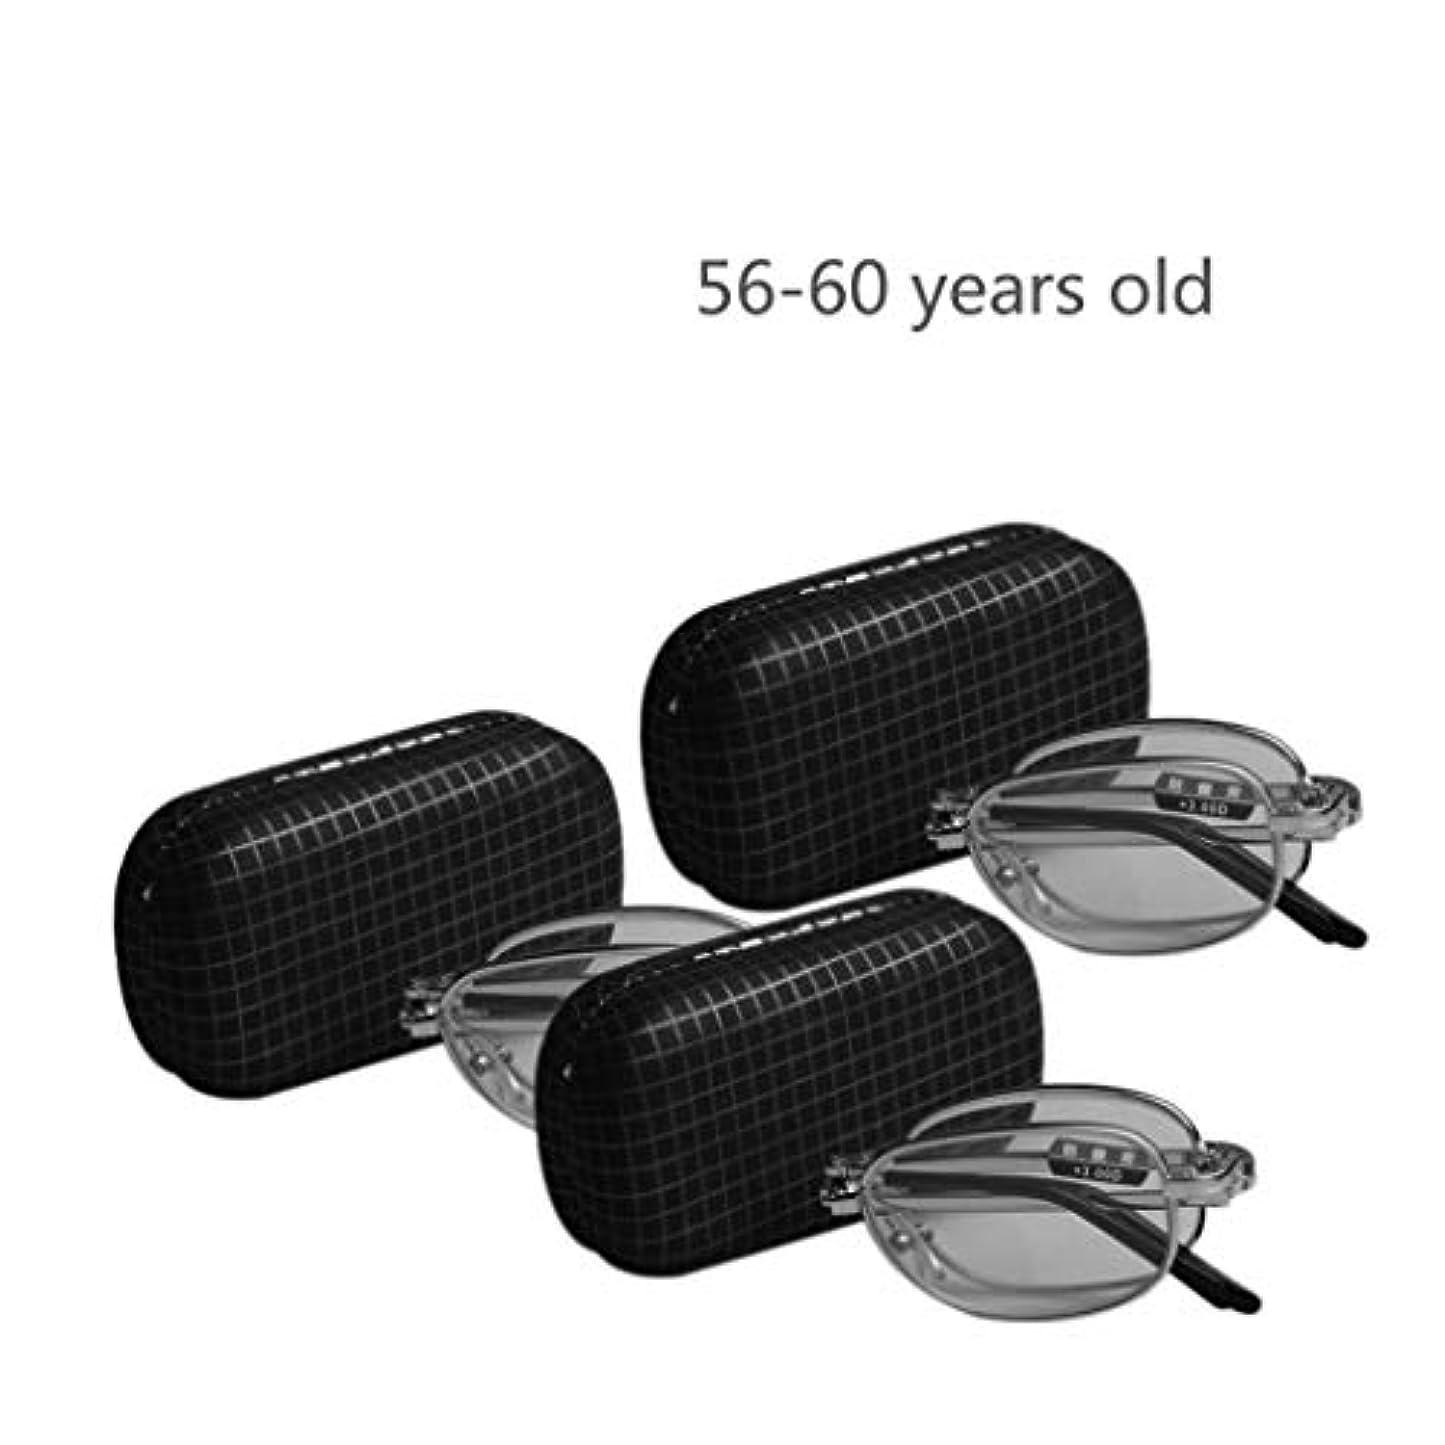 男性と女性の折りたたみ老眼鏡、3人の読者-超軽量の抗疲労樹脂レンズ、多関節折りたたみデザイン、より便利で持ち運びが簡単。